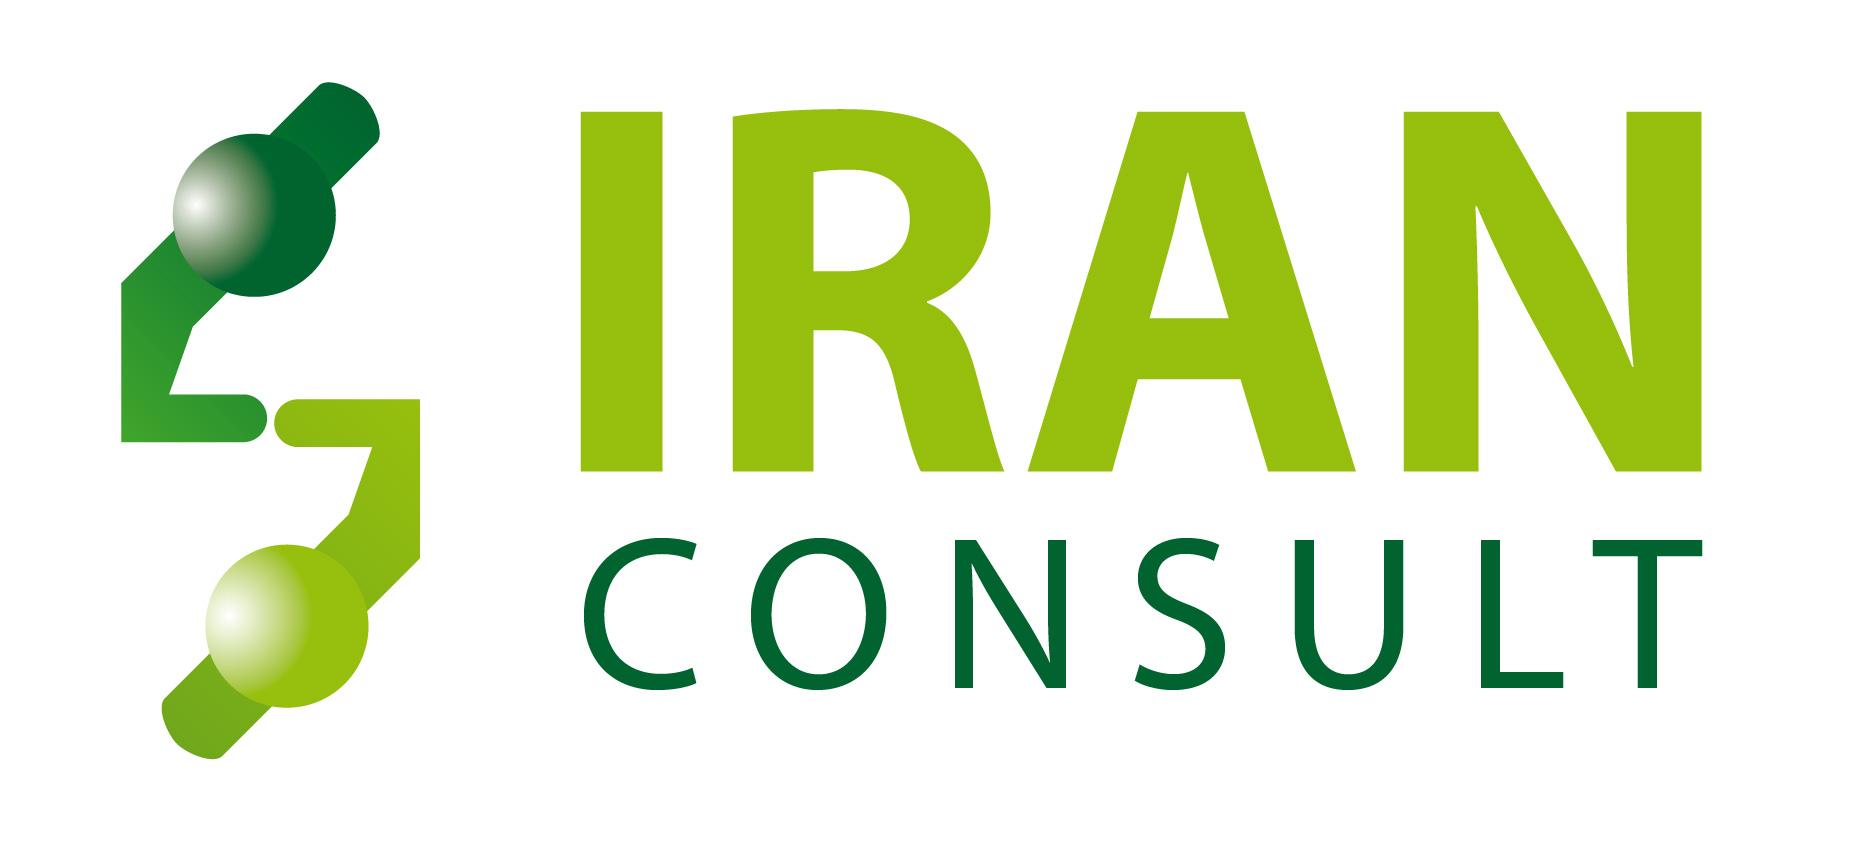 Iran Consult.